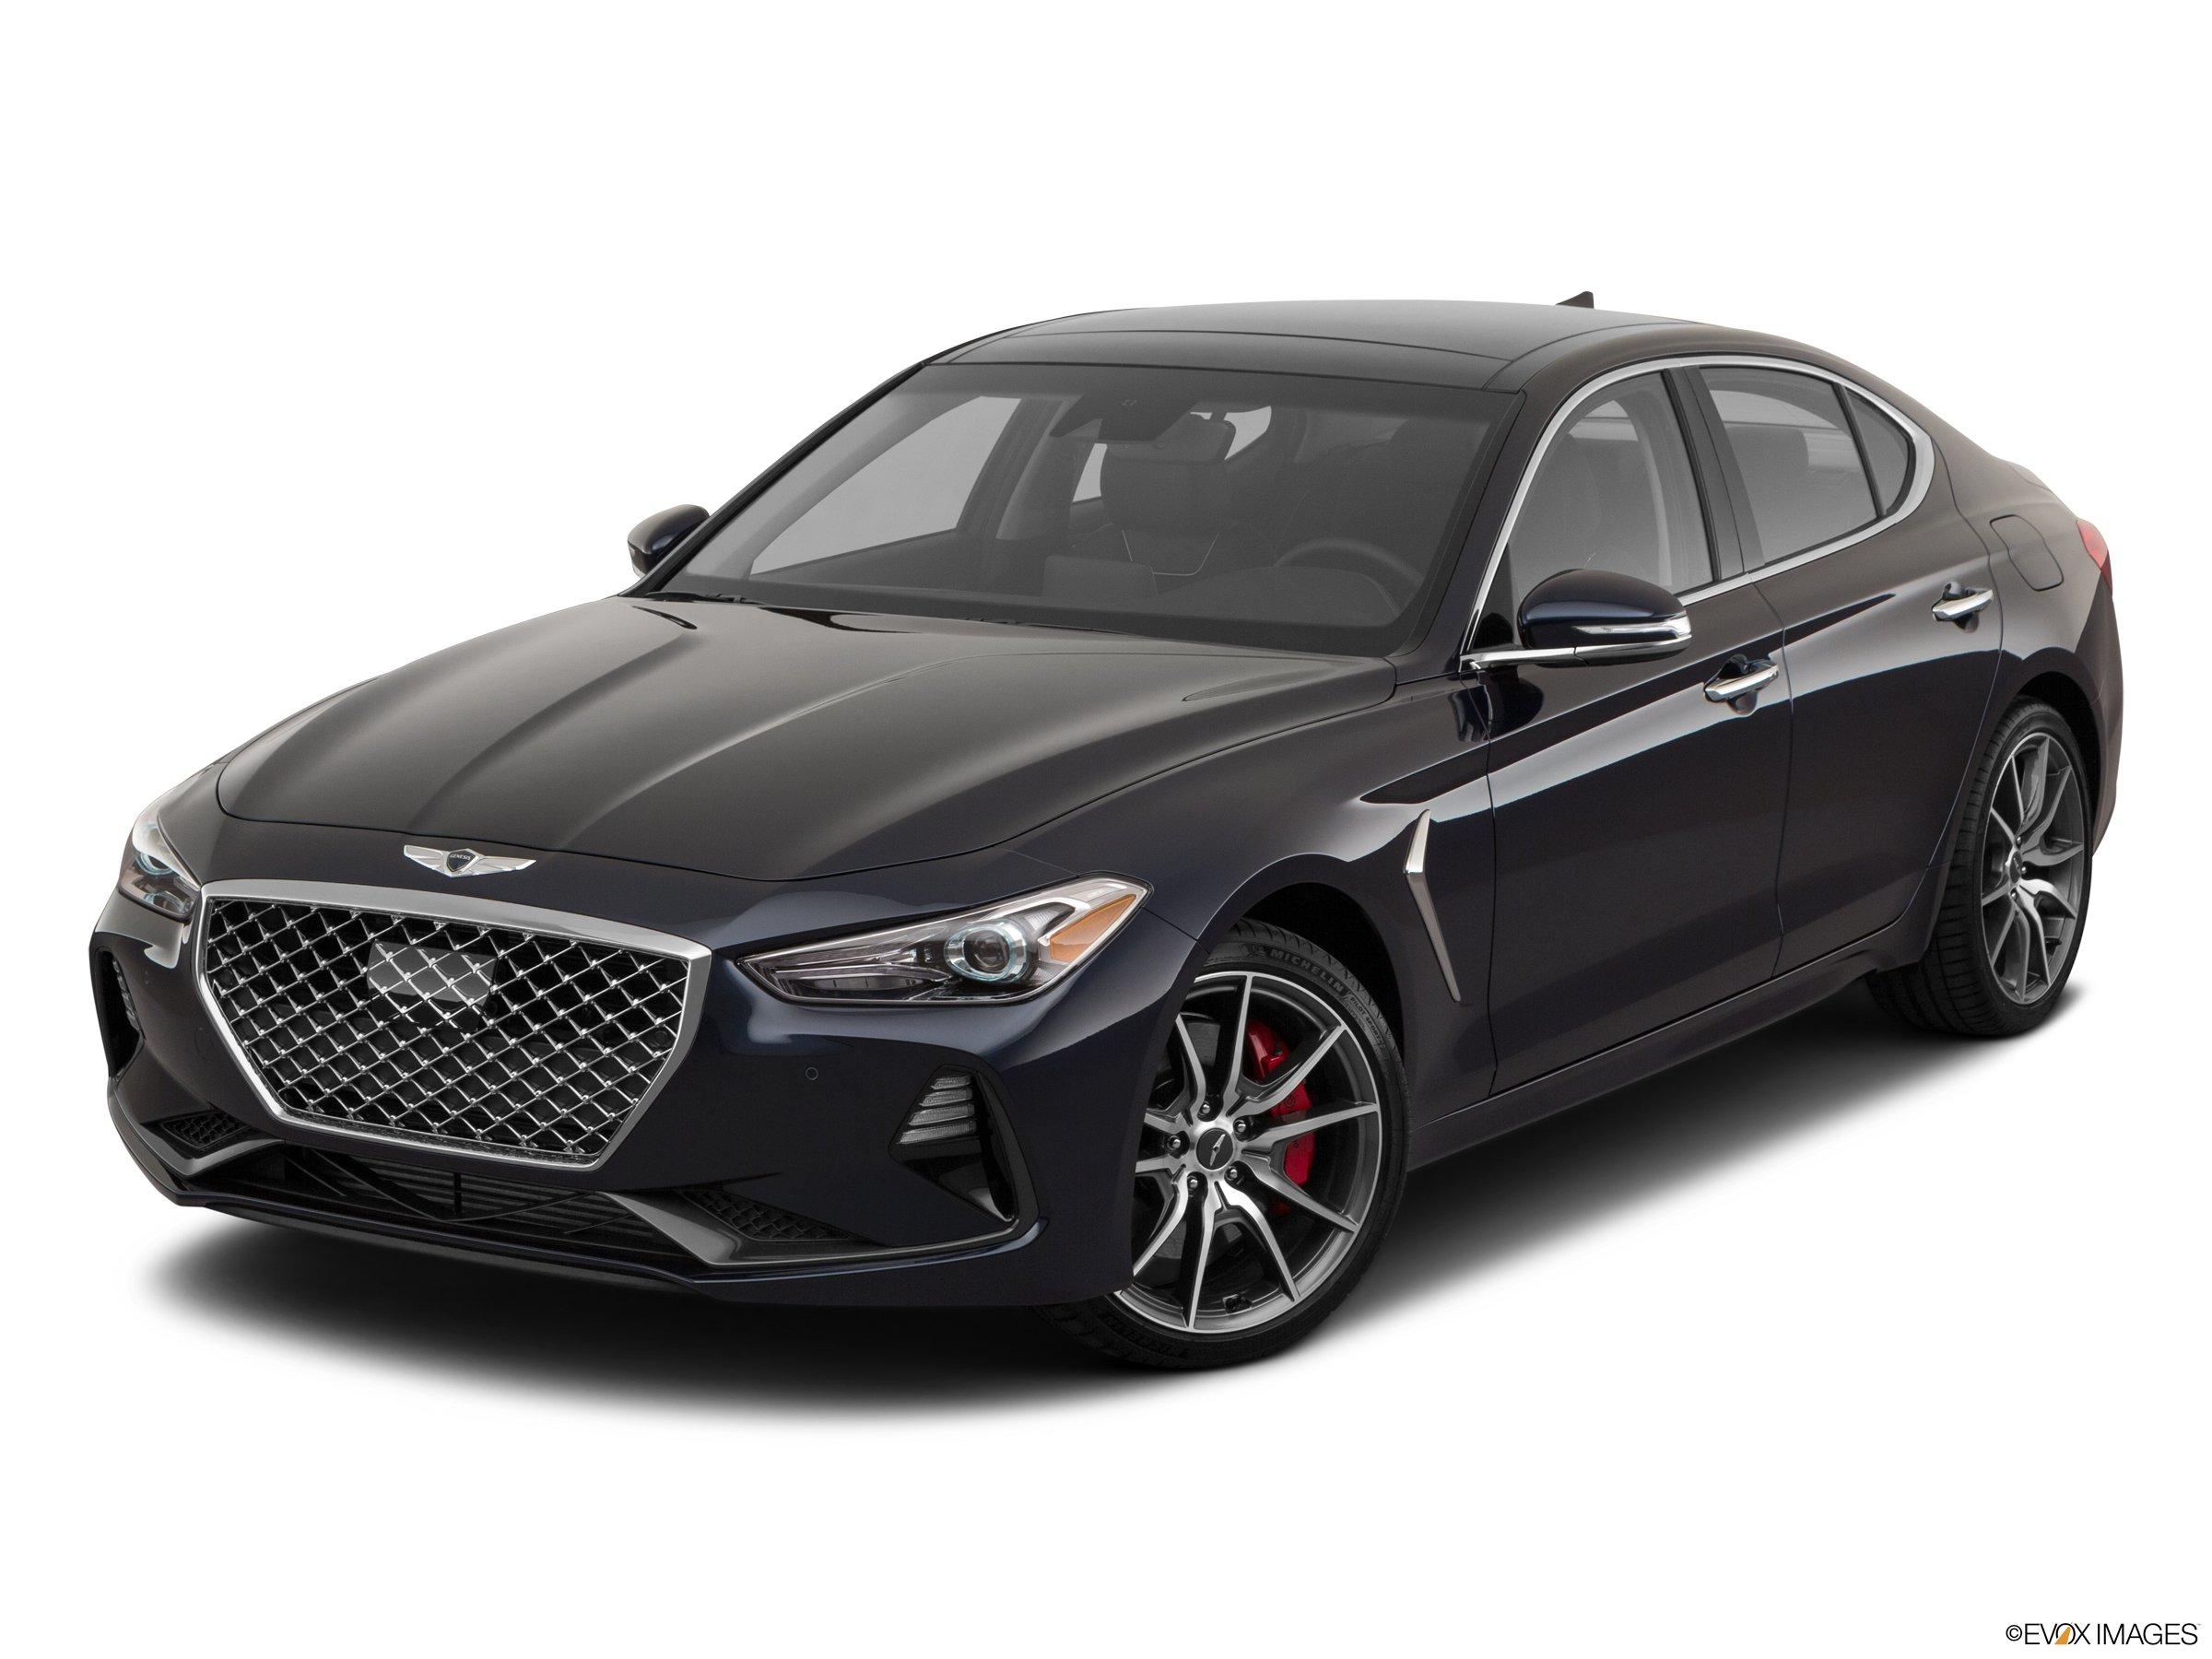 2020 Genesis G70 3.3T Elite RWD sedan